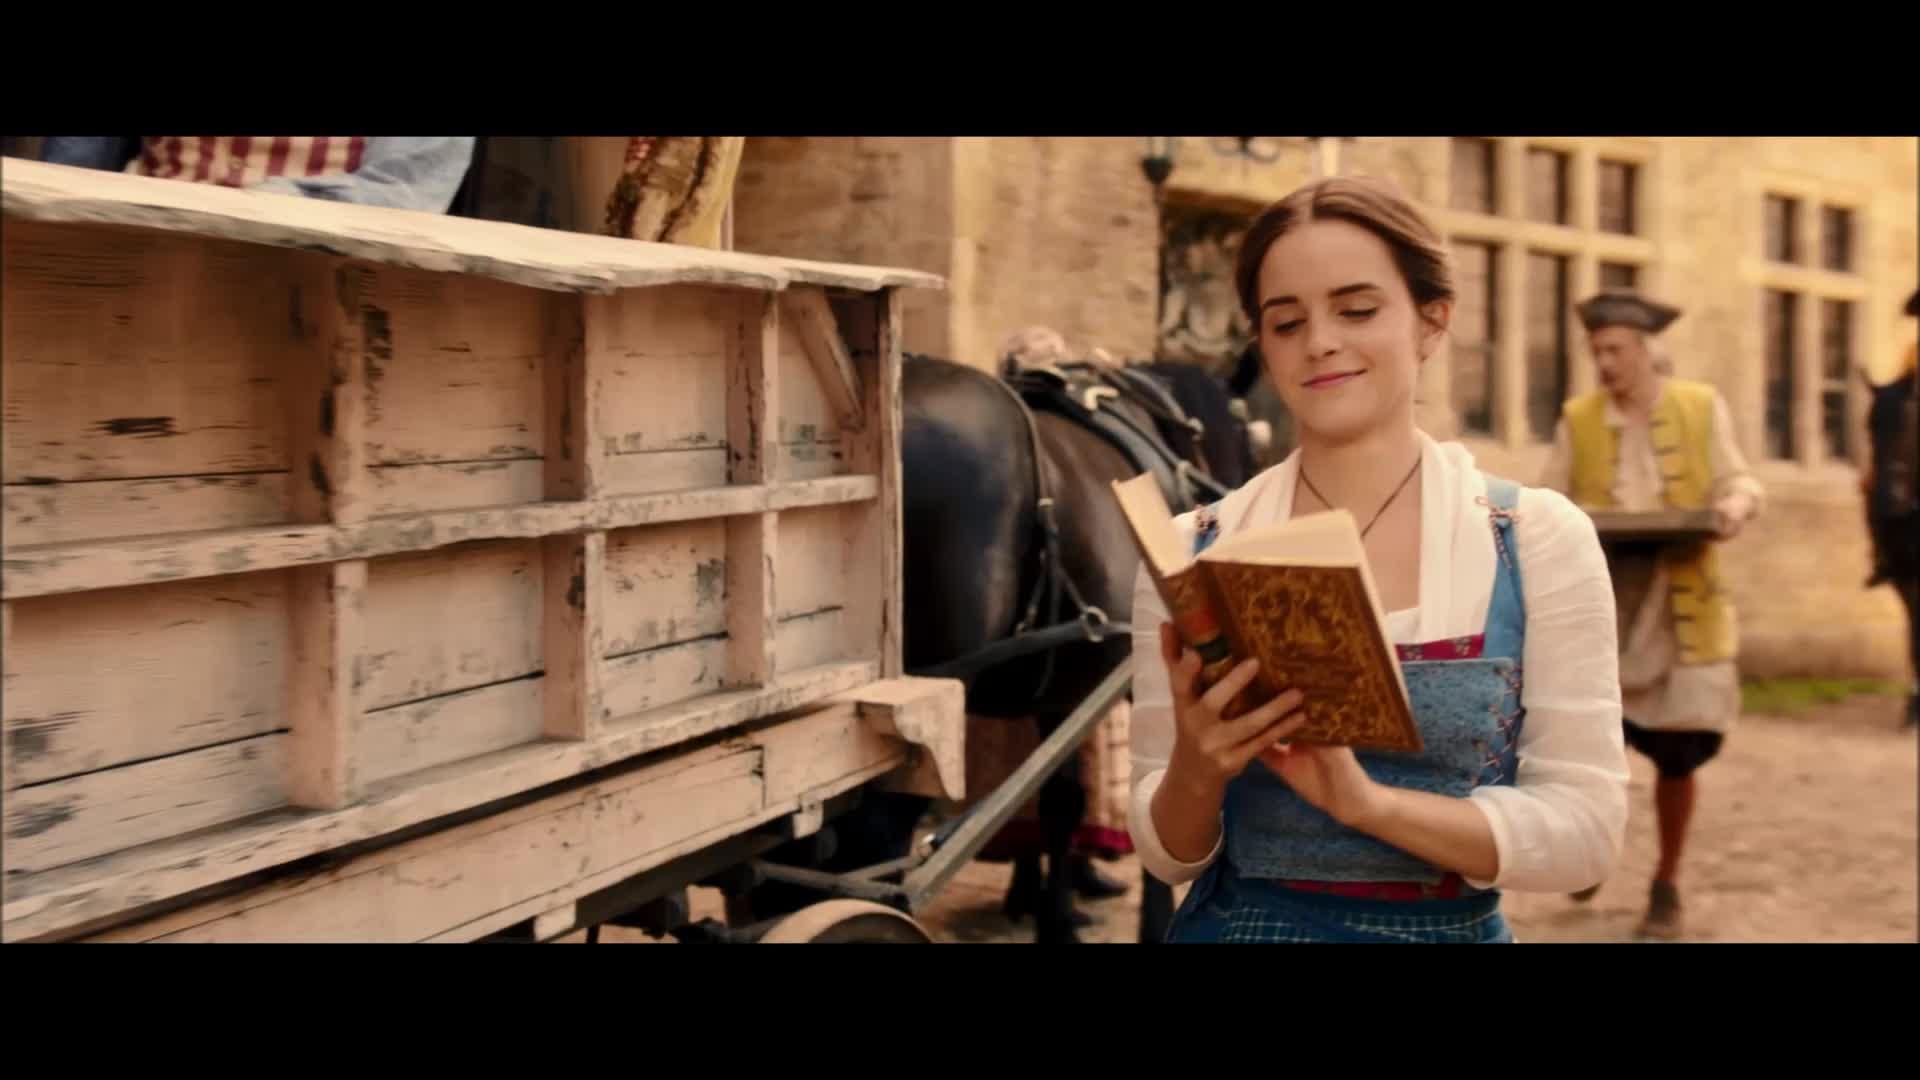 Die Schöne und das Biest, Die Schöne und das Biest - Trailer